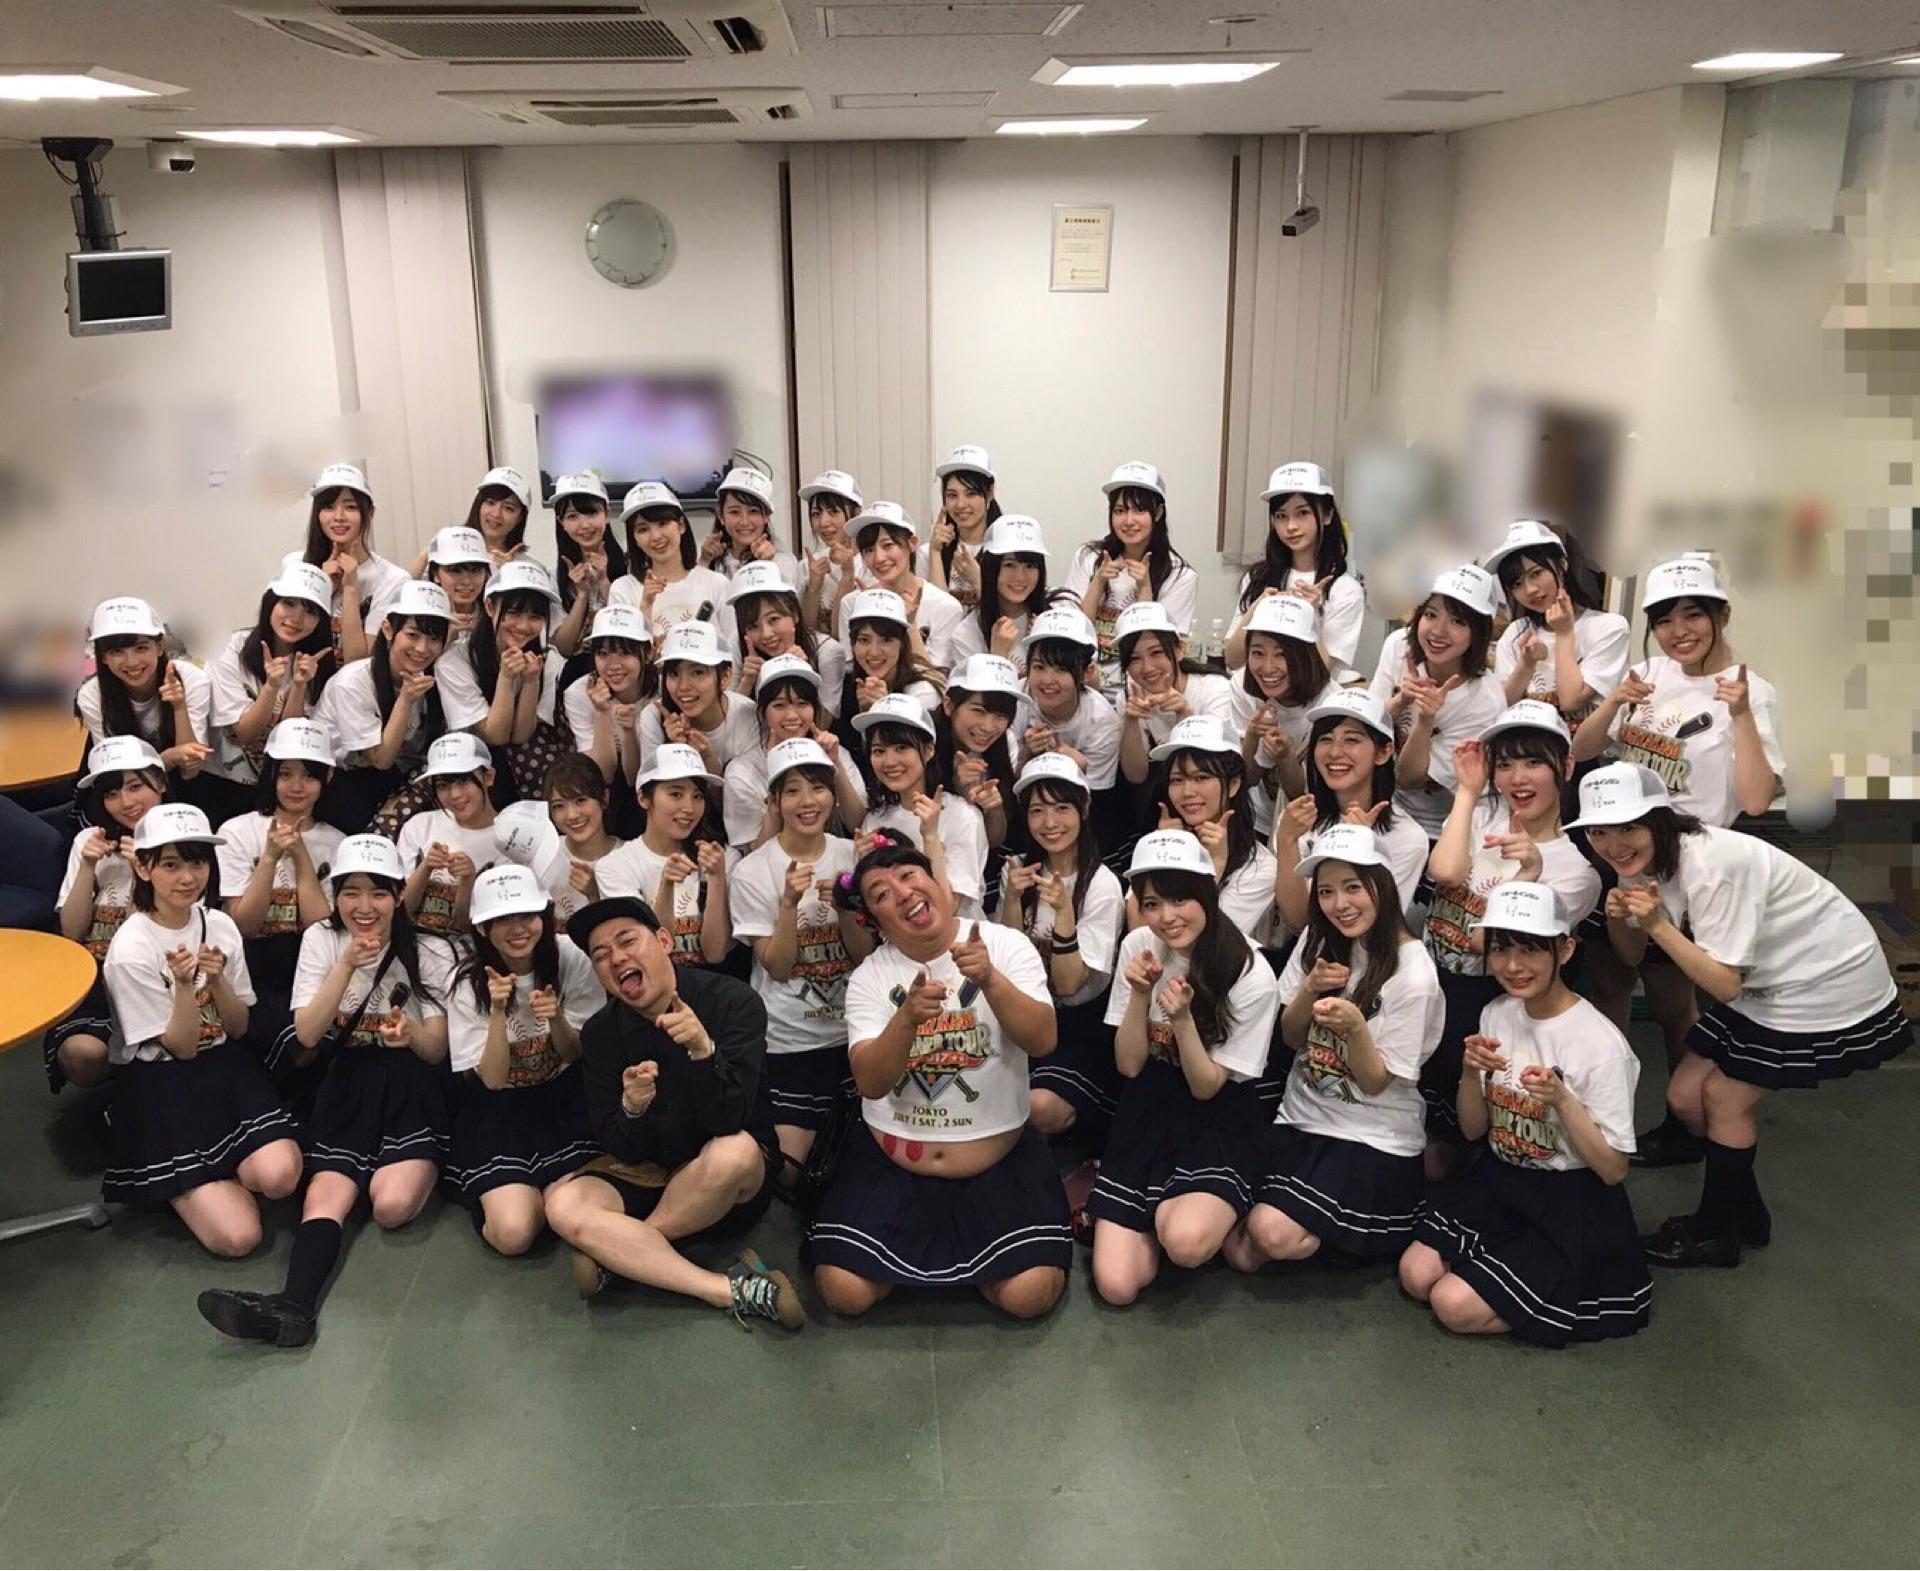 乃木坂46♪乃木坂×バナナマン「ホールインワンキャップ」全員集合写真!2017.7.2